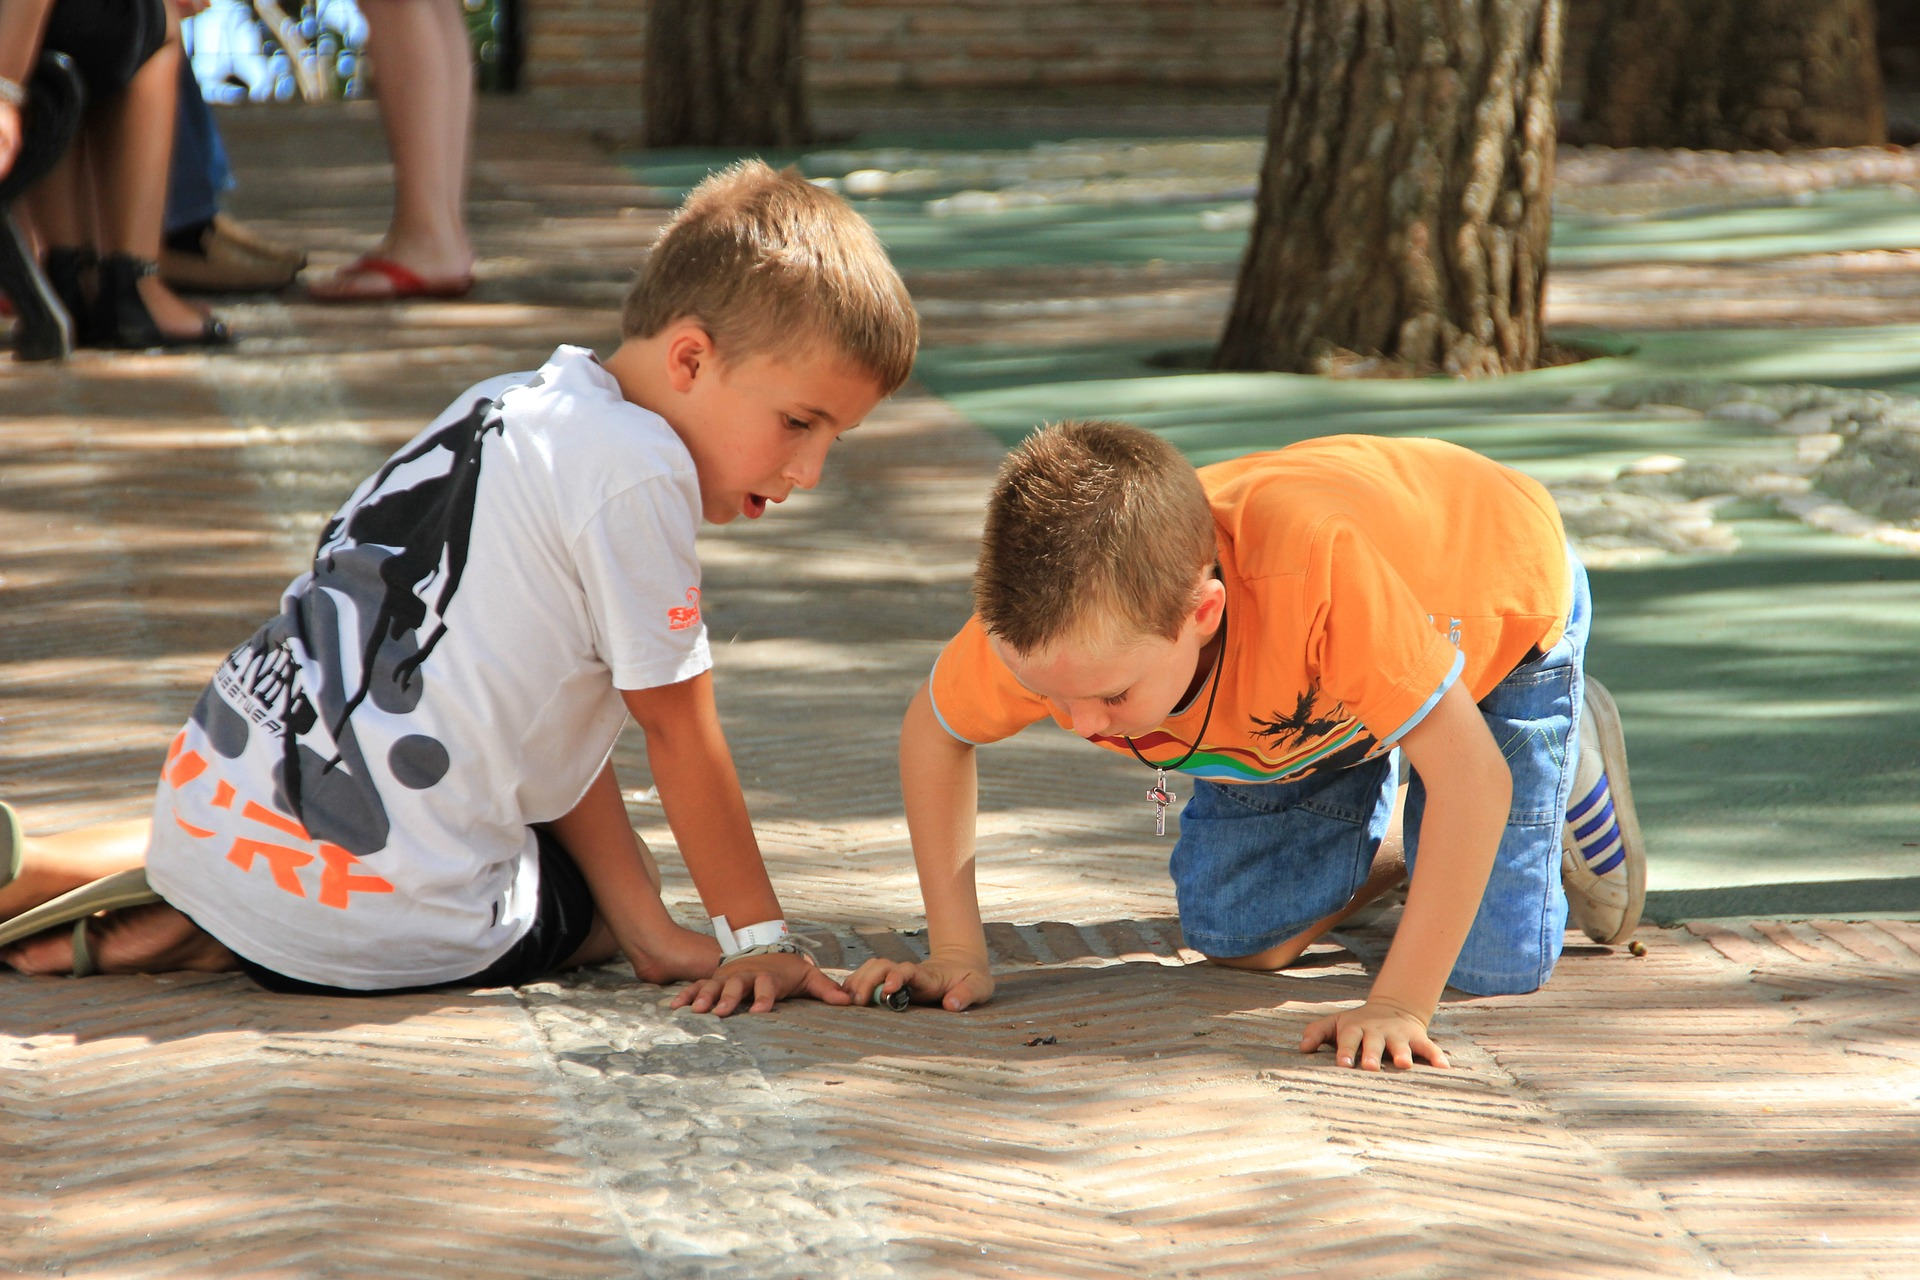 viermisori albi in urina la copii